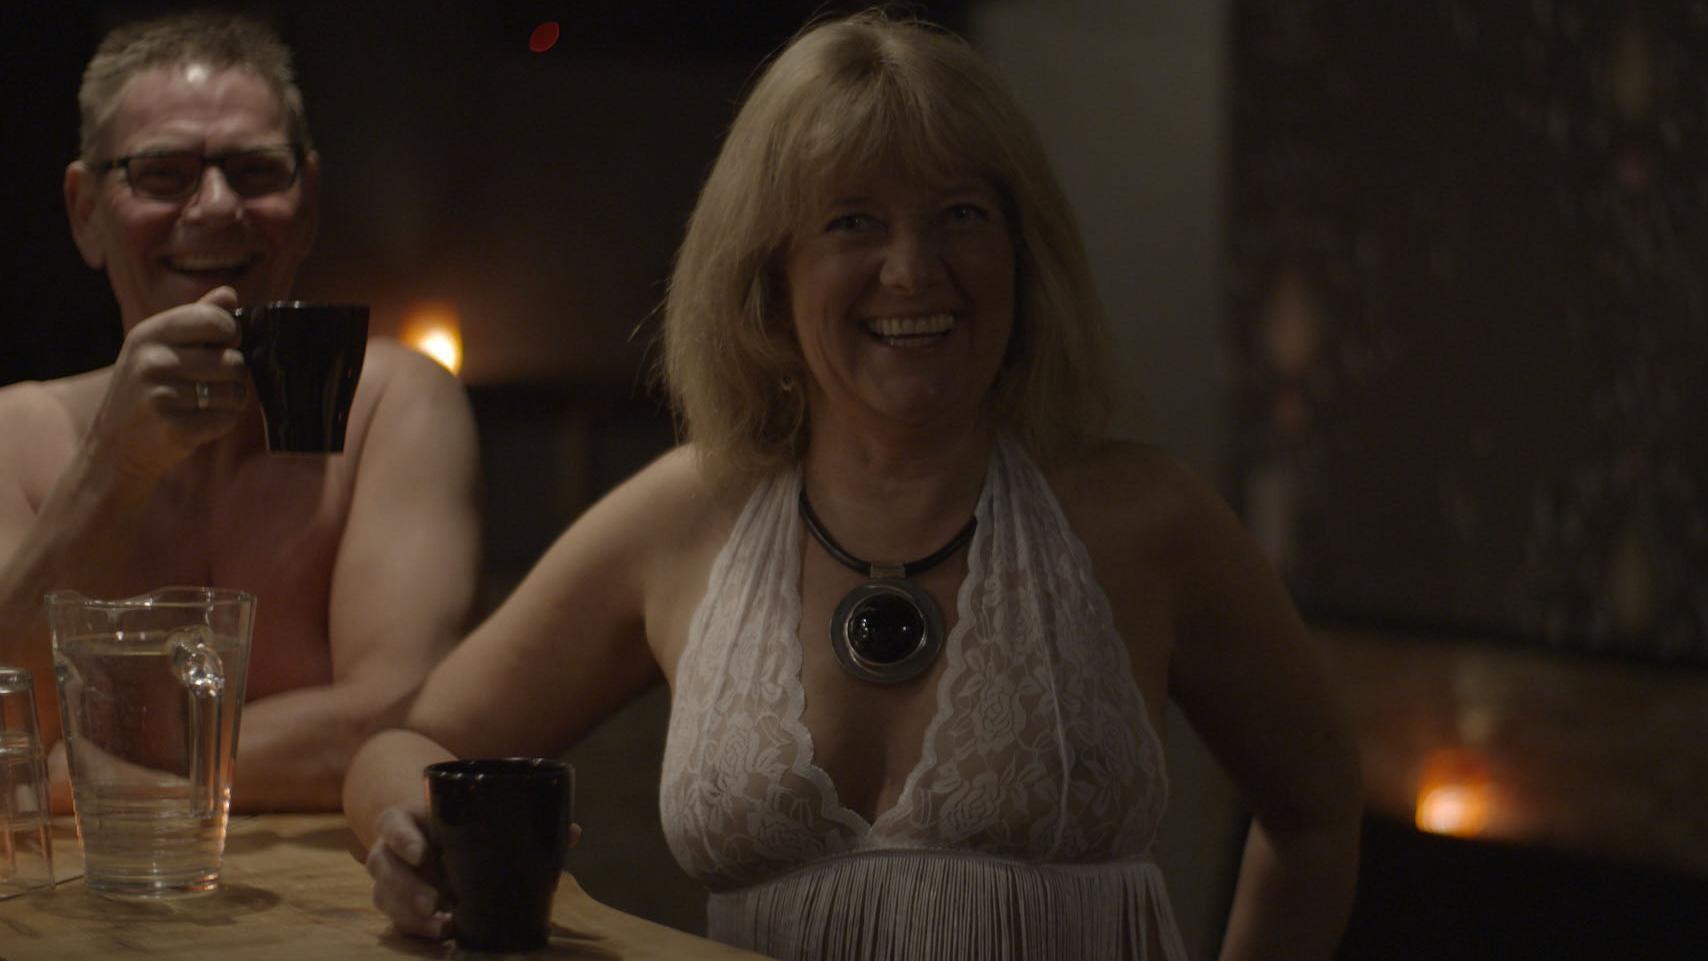 swingerklub amager våd tissekone gratis dating sider danmark